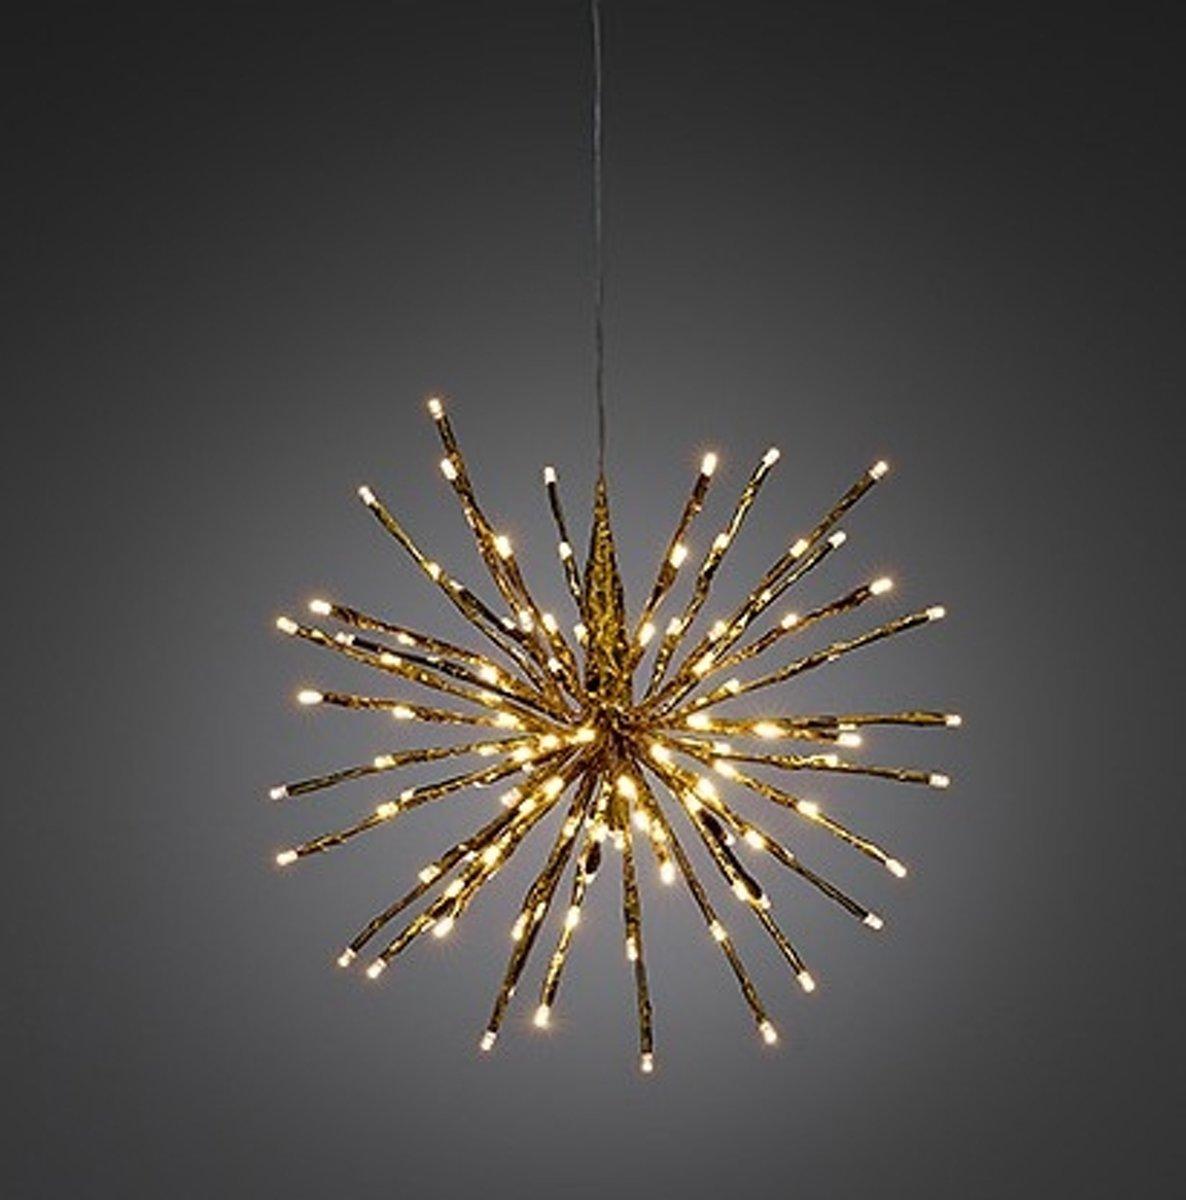 Konstsmide 2896-803 Geschikt voor gebruik binnen Geschikt voor buitengebruik LED Goud decoratieve verlichting kopen